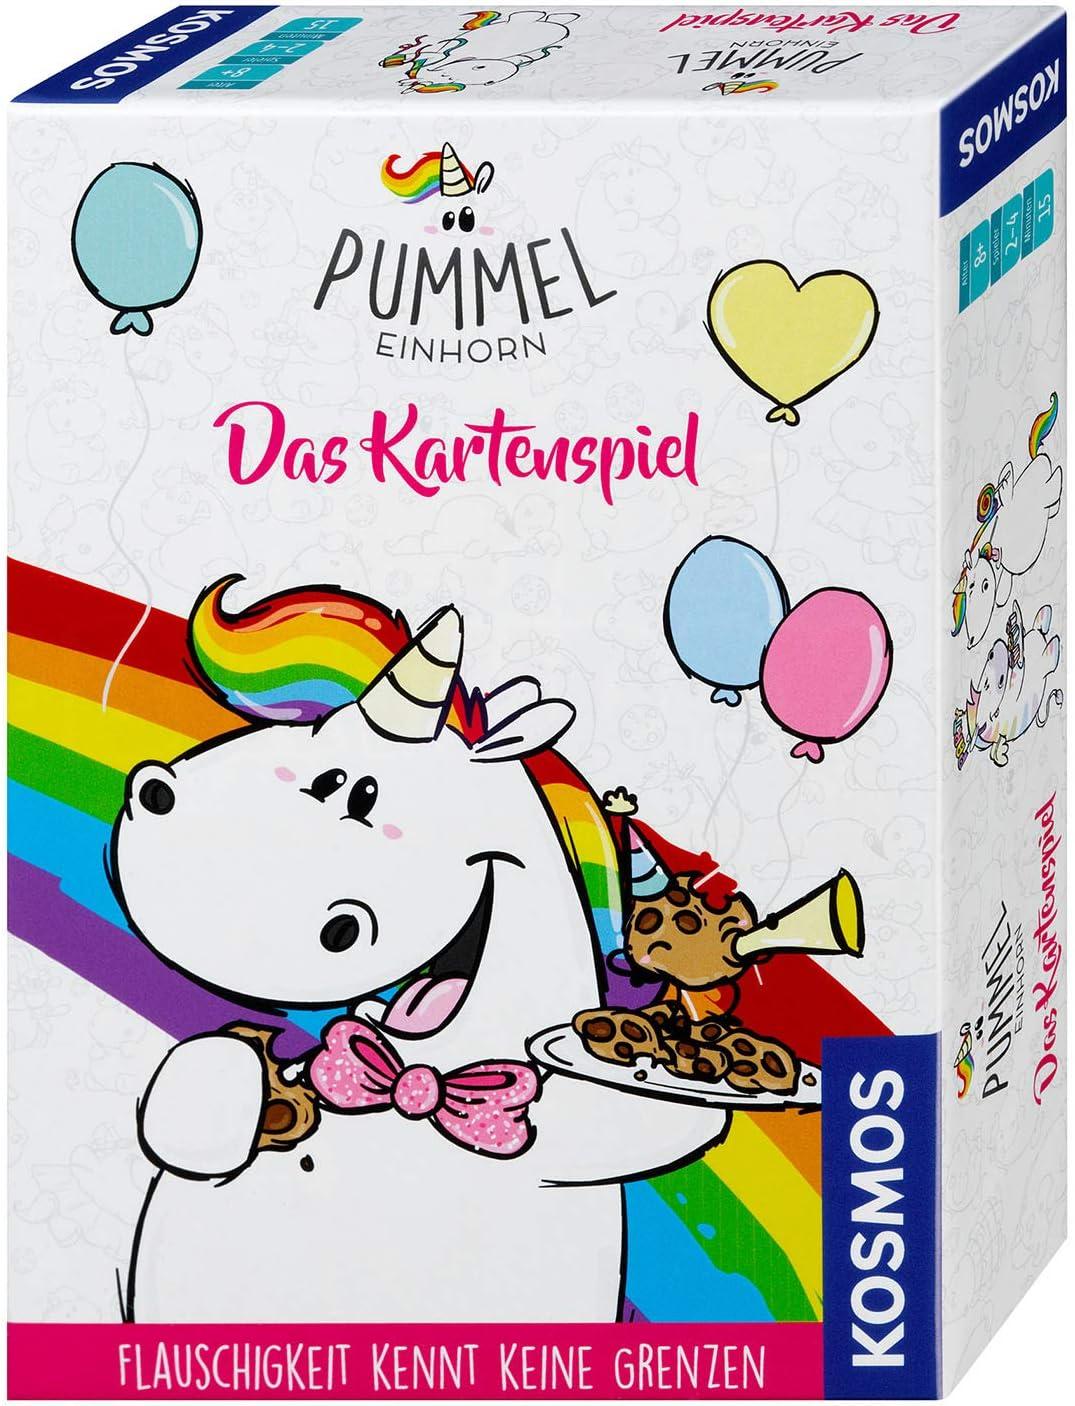 KOSMOS Kinderspiele Pummeleinhorn Das Kartenspiel Karten Spiel Einhorn 697785